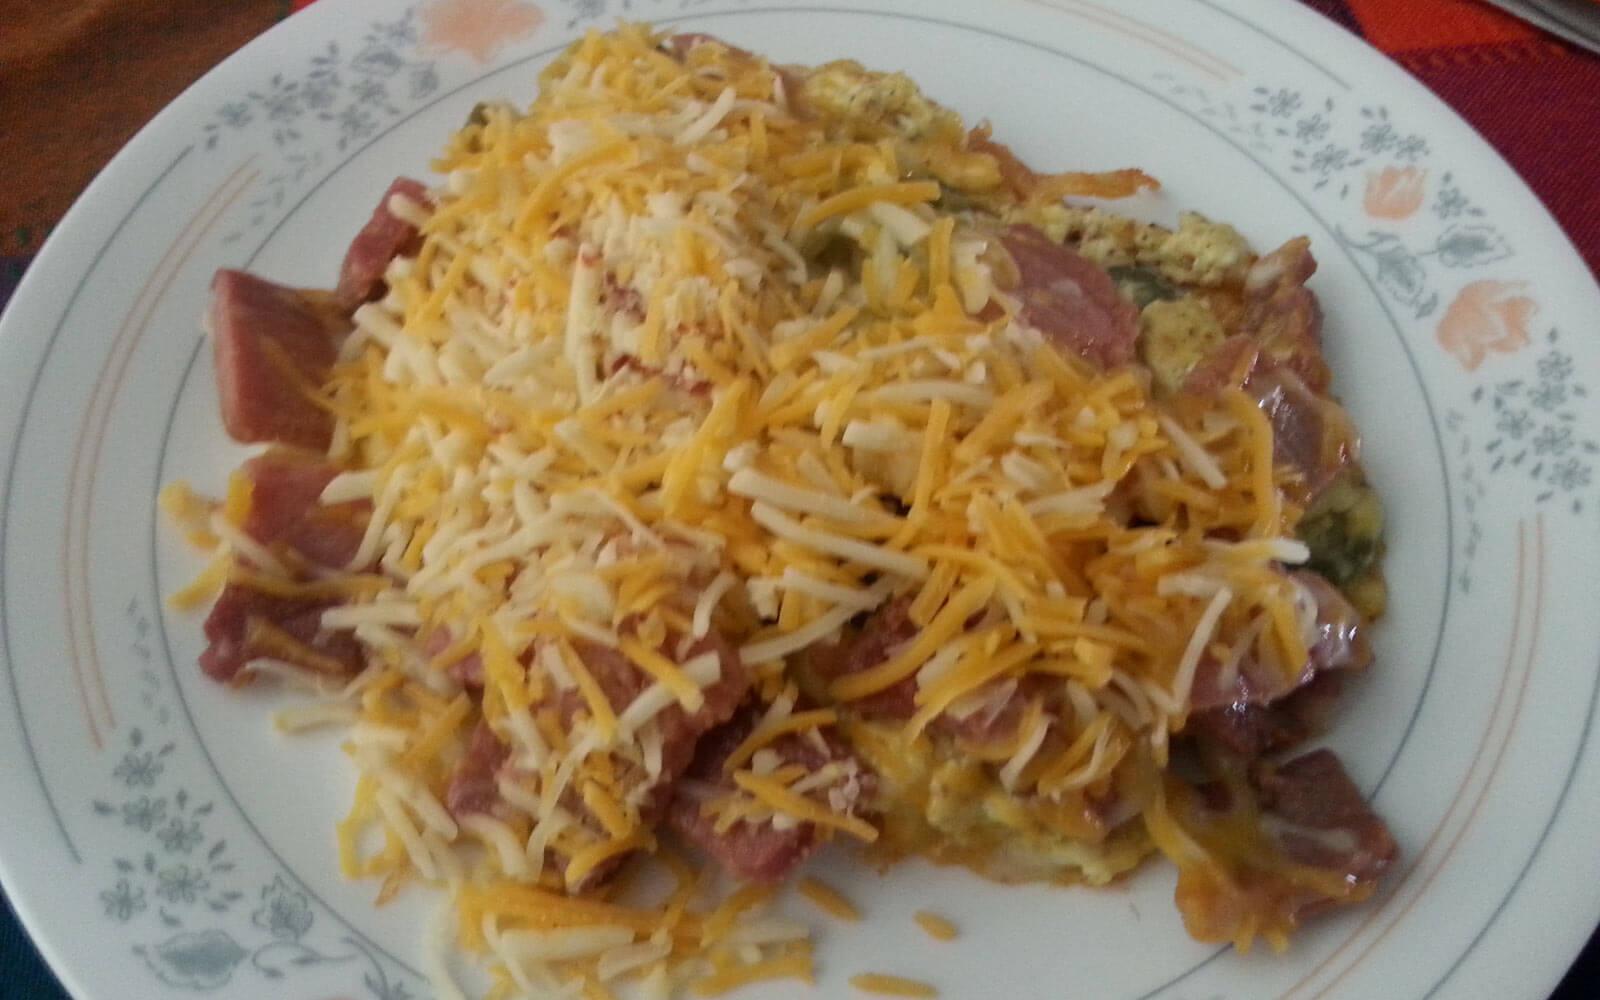 Bacon and Fried Egg zum Frühstück